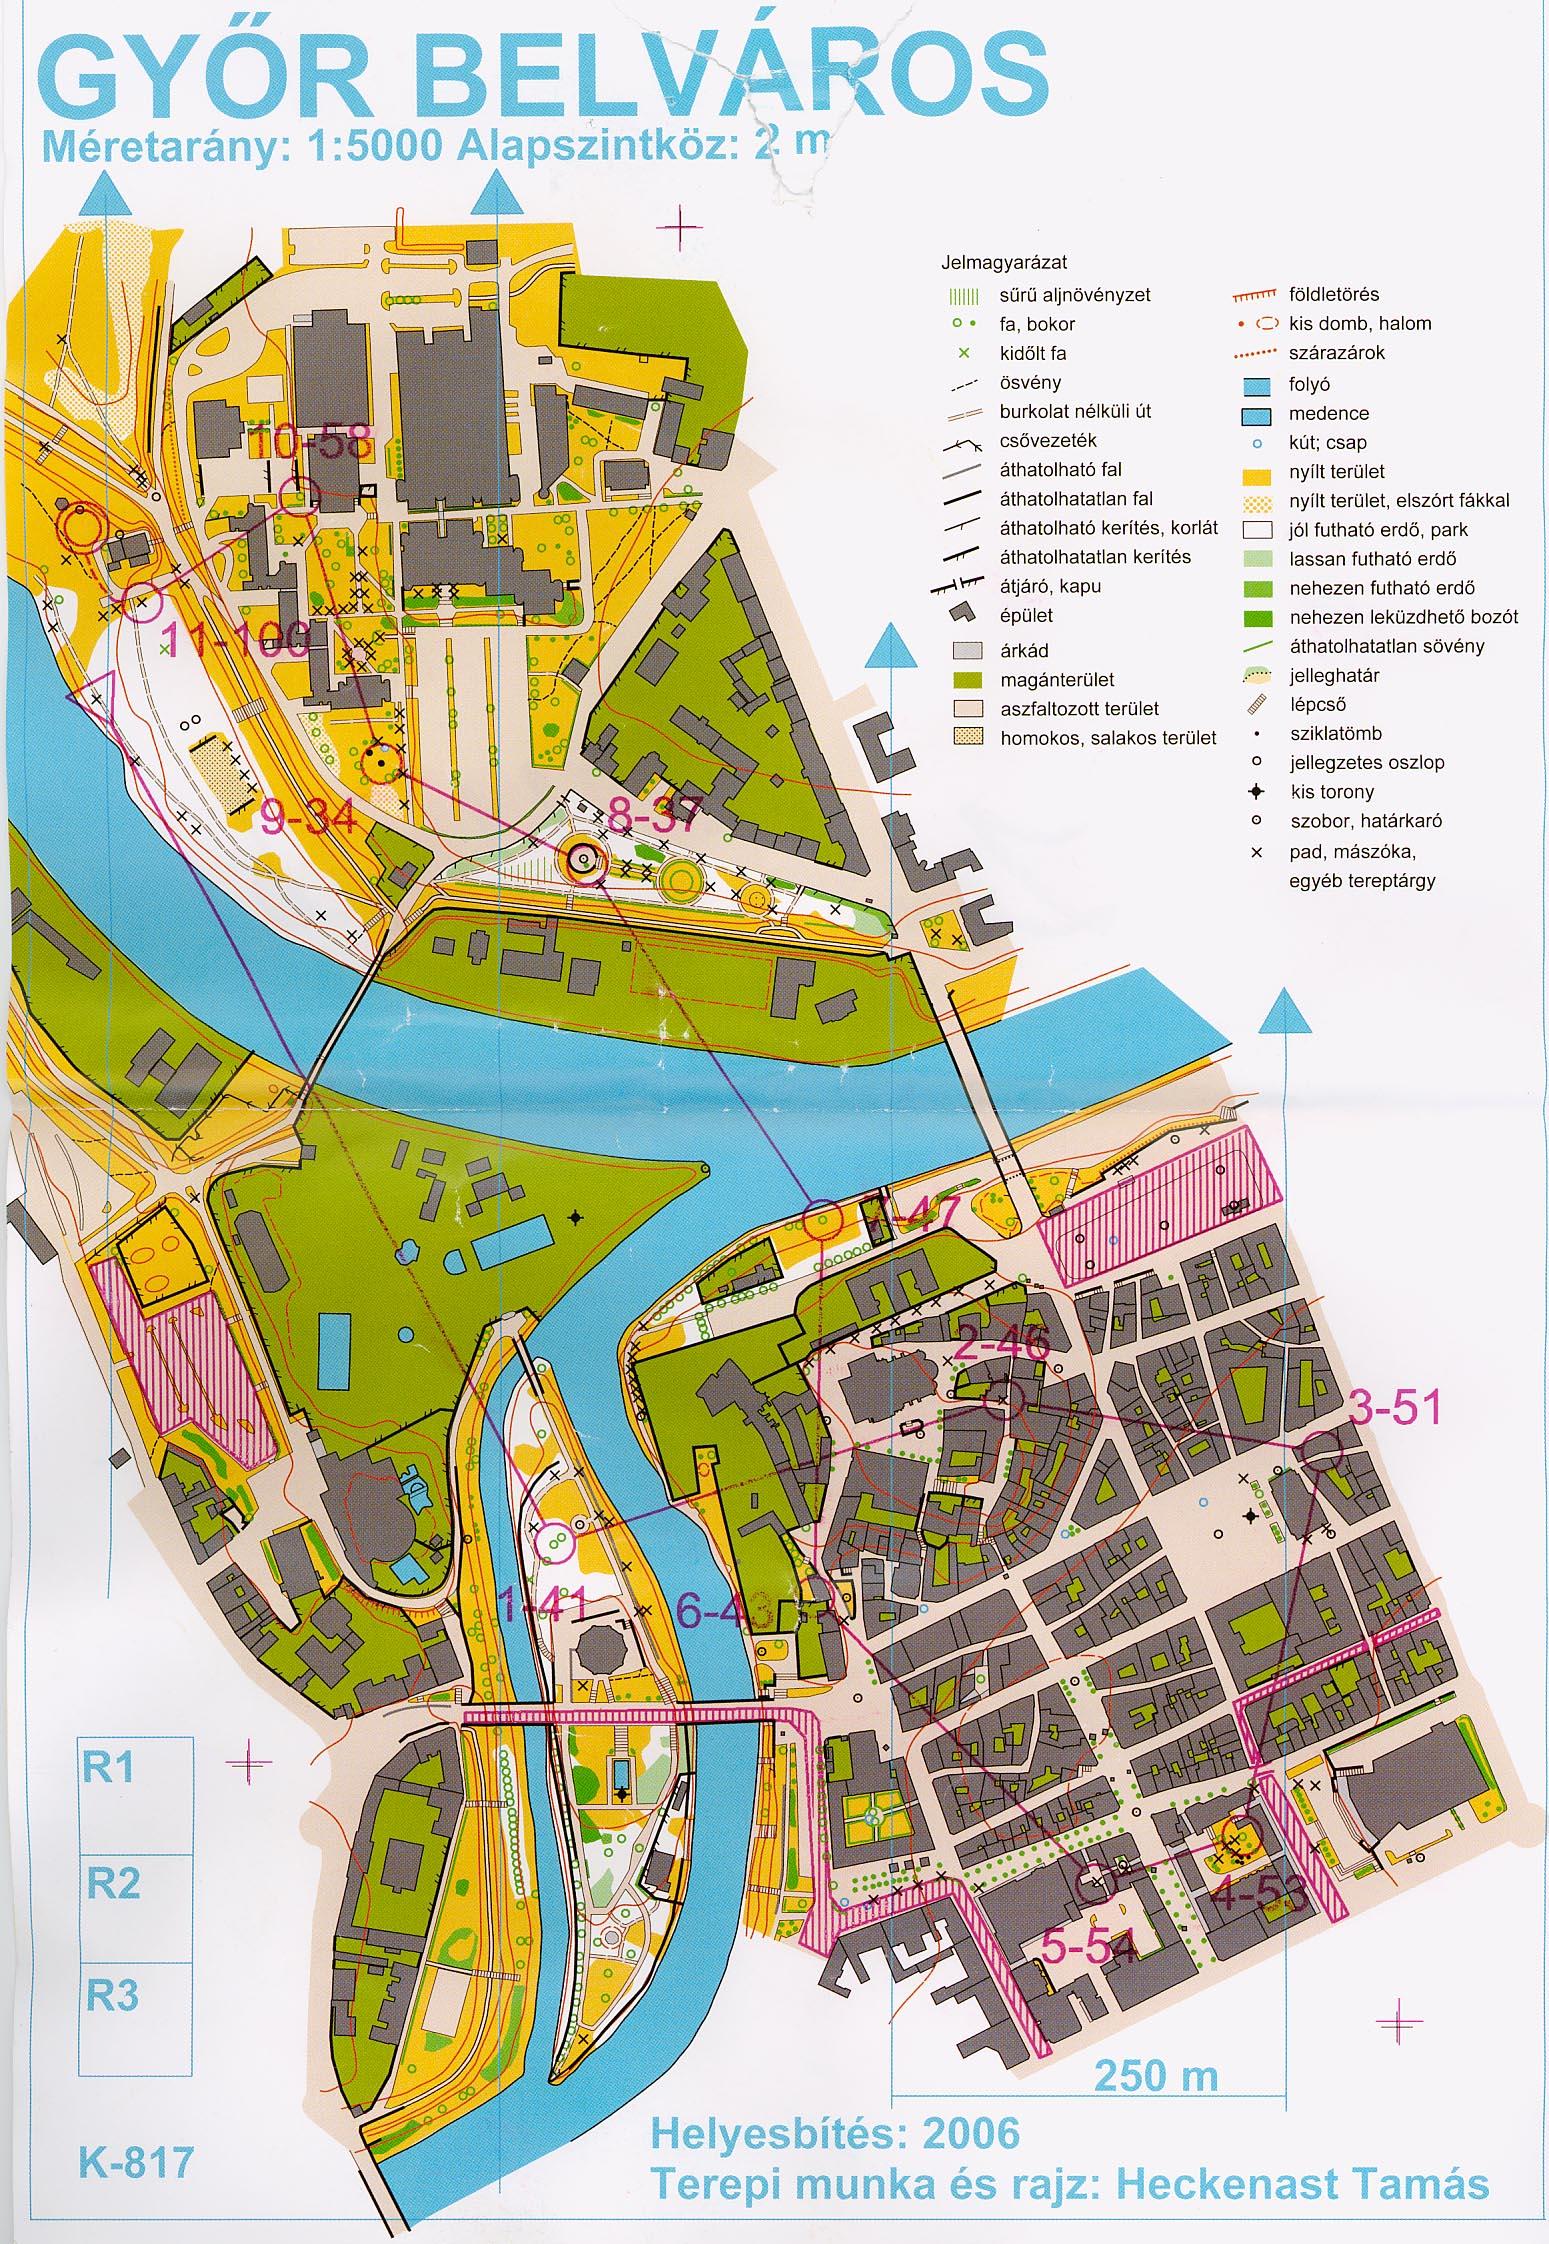 győr belváros térkép Zentai Laszlo tajfuto multjarol (2006) győr belváros térkép